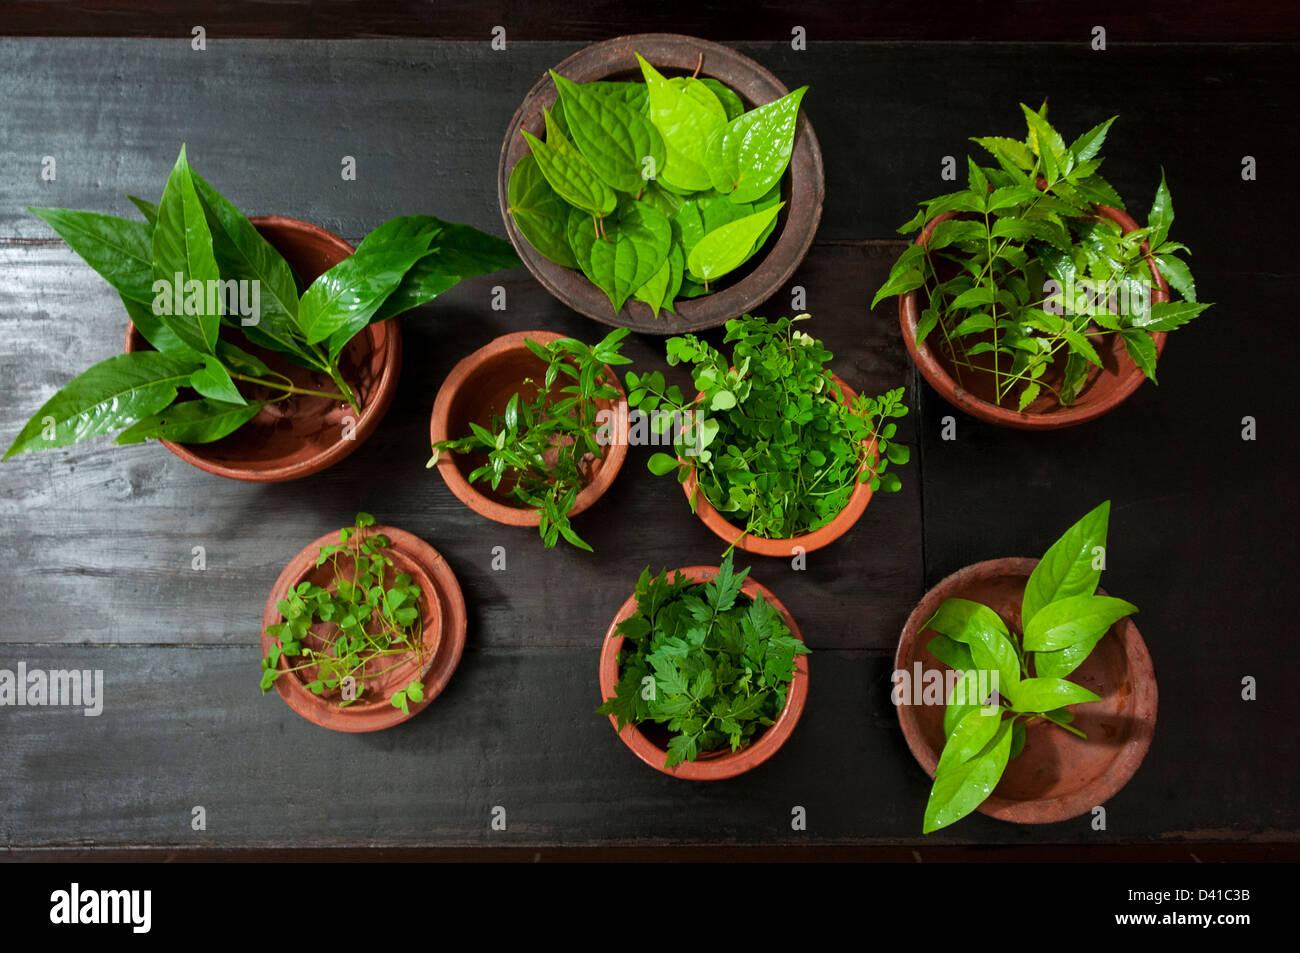 Le erbe medicinali vegetali conservati su pentole, utilizzato per la fabbricazione di medicine per l'ayurveda Immagini Stock